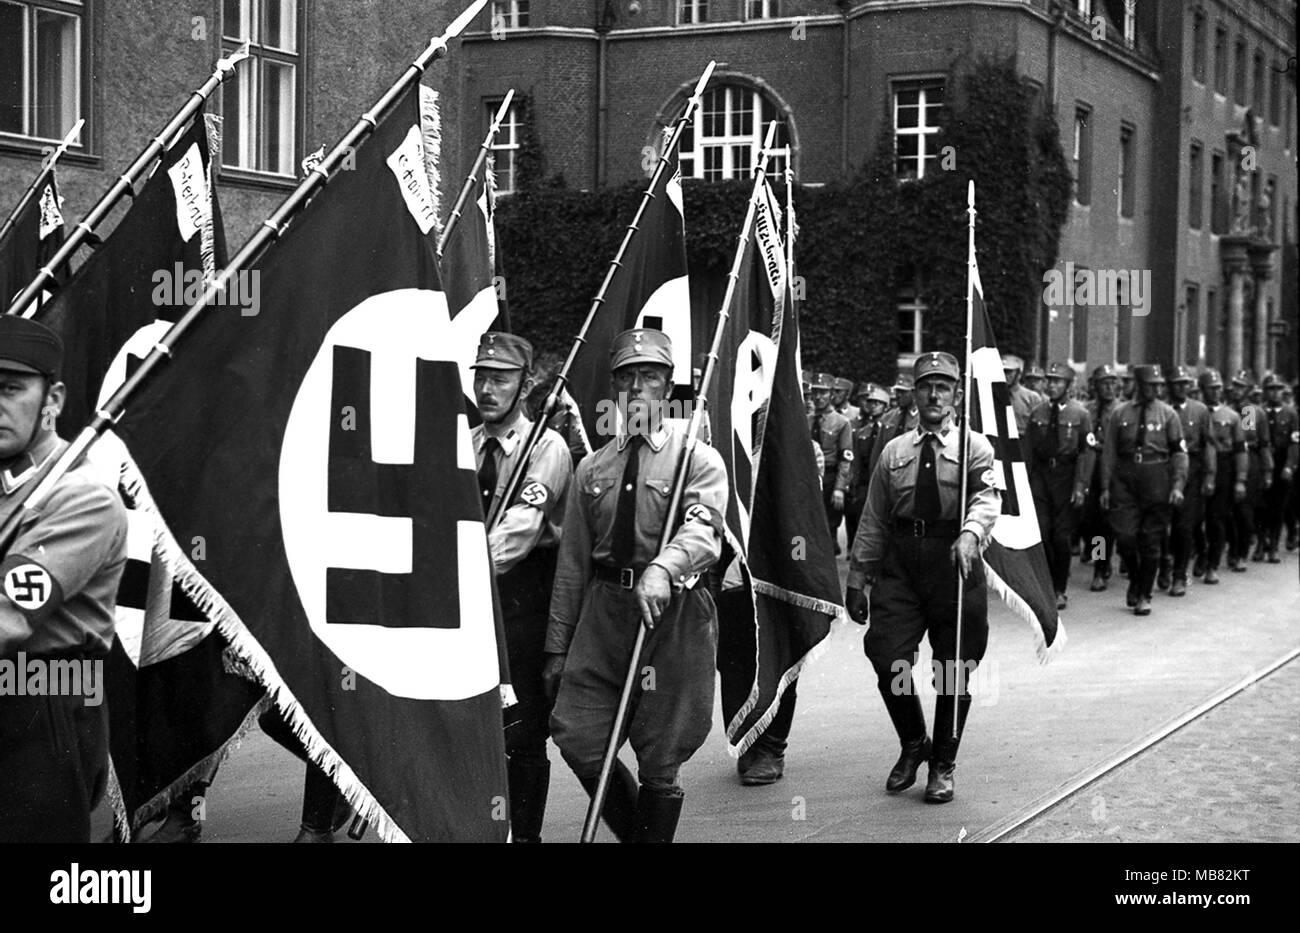 Également appelé Sturmabteilung stormtoopers Brownshirts et portant des drapeaux à croix gammée en 1934 alors qu'ils défilent dans Konigsberg en Allemagne. Konigsberg est devenu le territoire russe après la seconde guerre mondiale et a été rebaptisée Kaliningrad. Banque D'Images